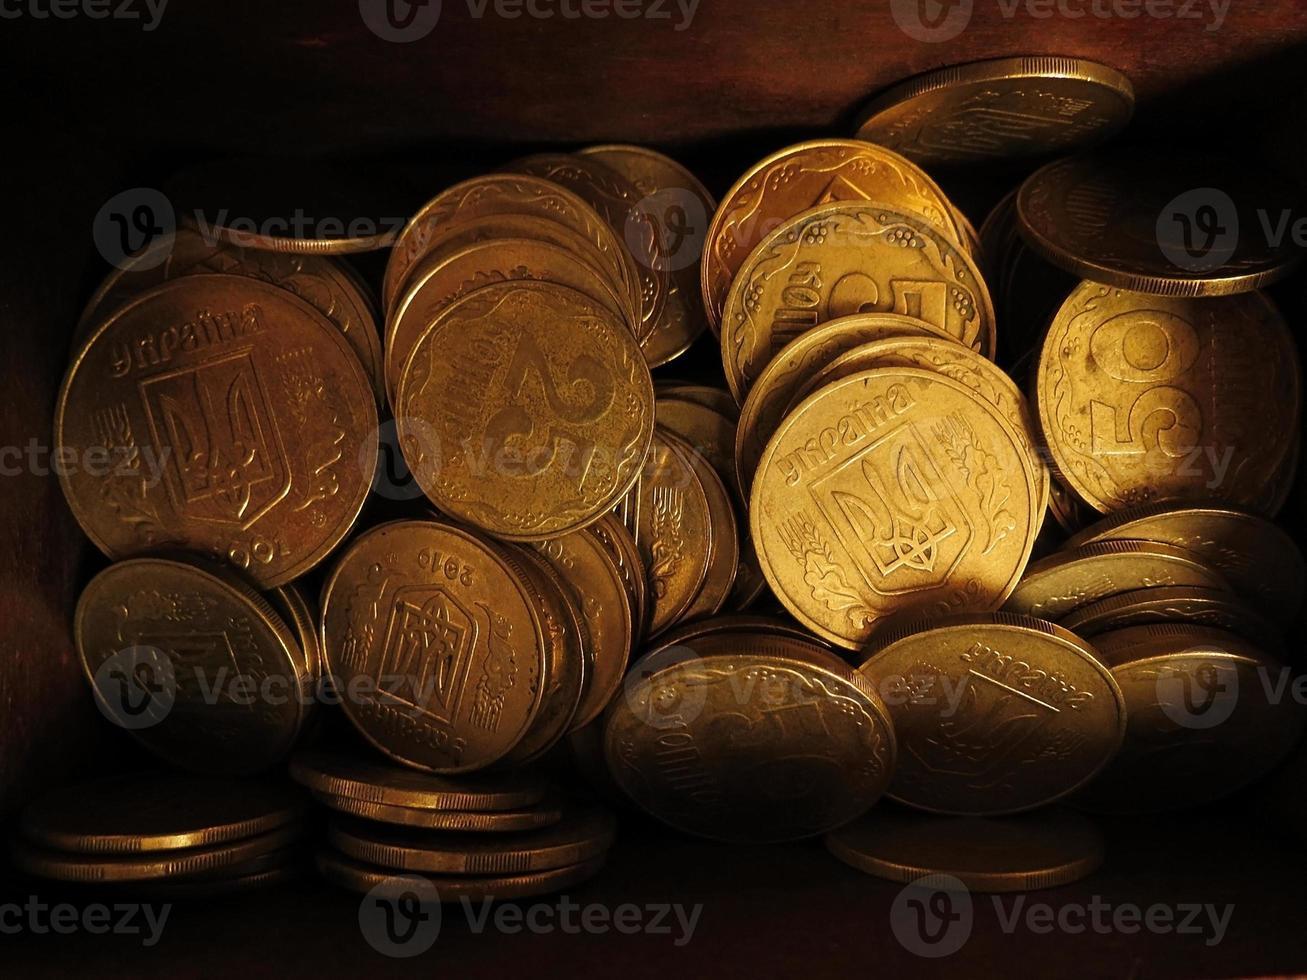 soldi ucraini (grivna) nel petto foto